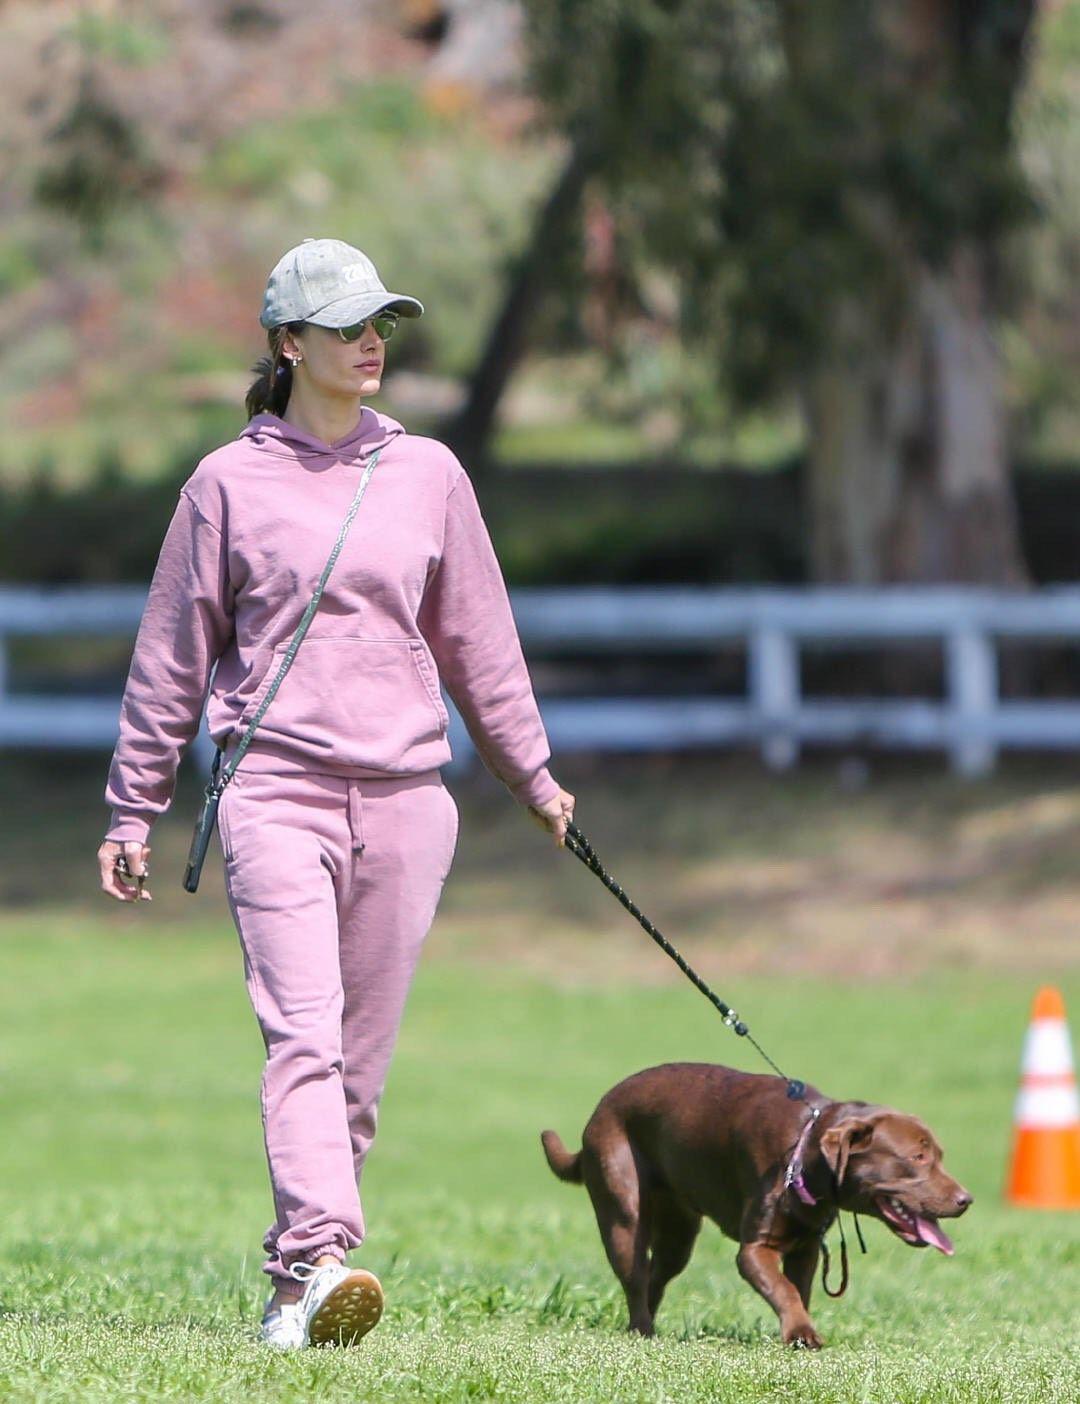 3月18日,超模亚历山大·安布罗休现身洛杉矶公园悠闲遛狗